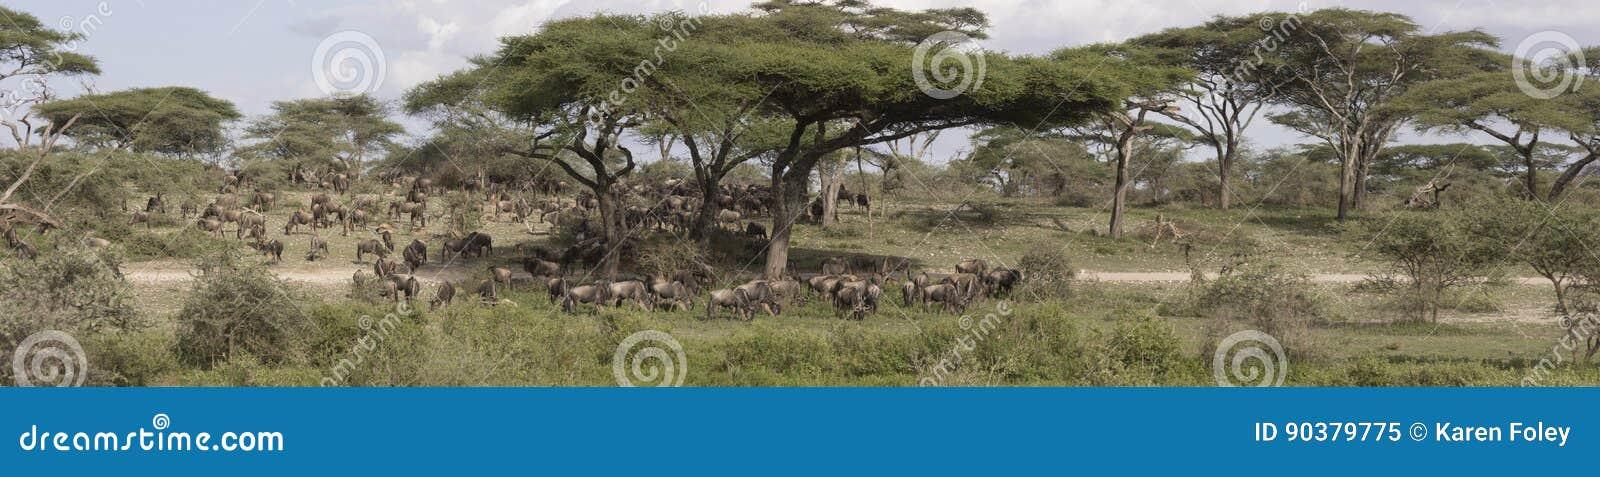 Panorama der großen Gnumigration, Serengeti